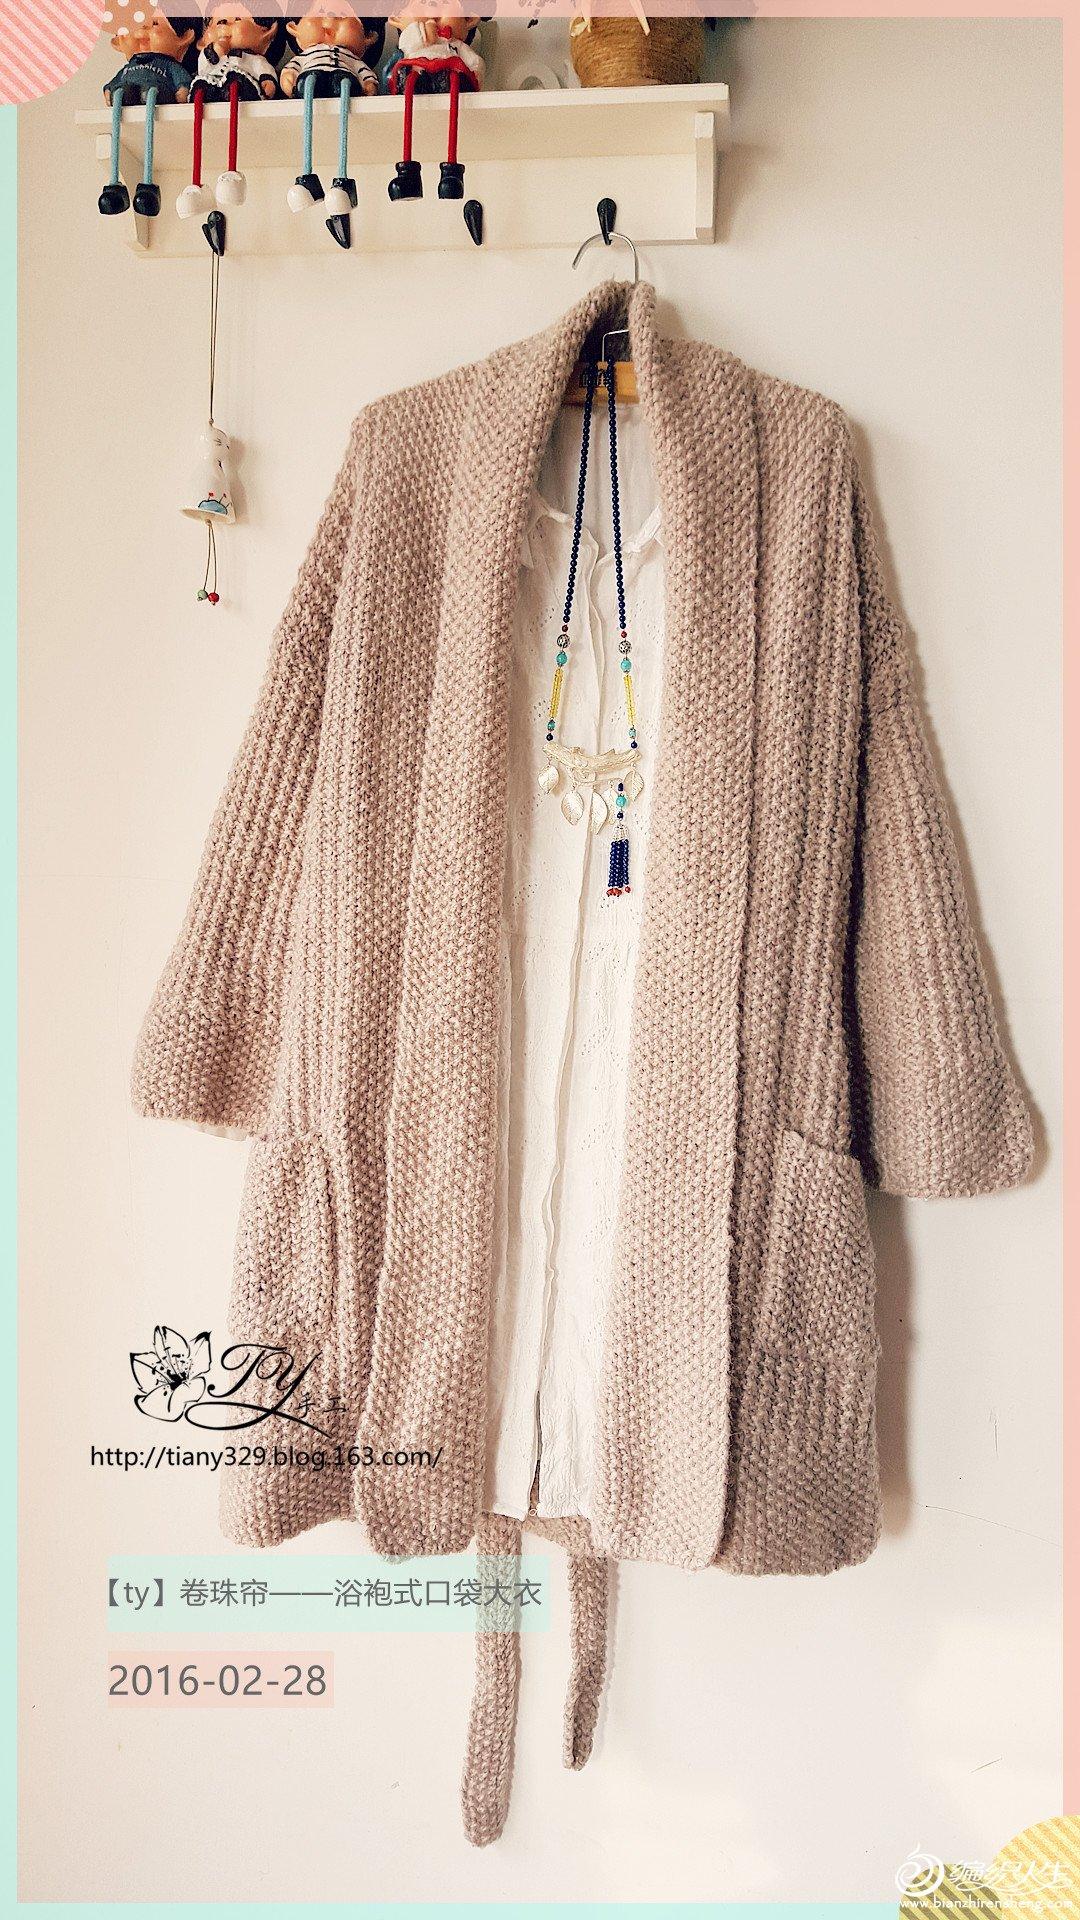 手工编织浴袍式毛衣大衣